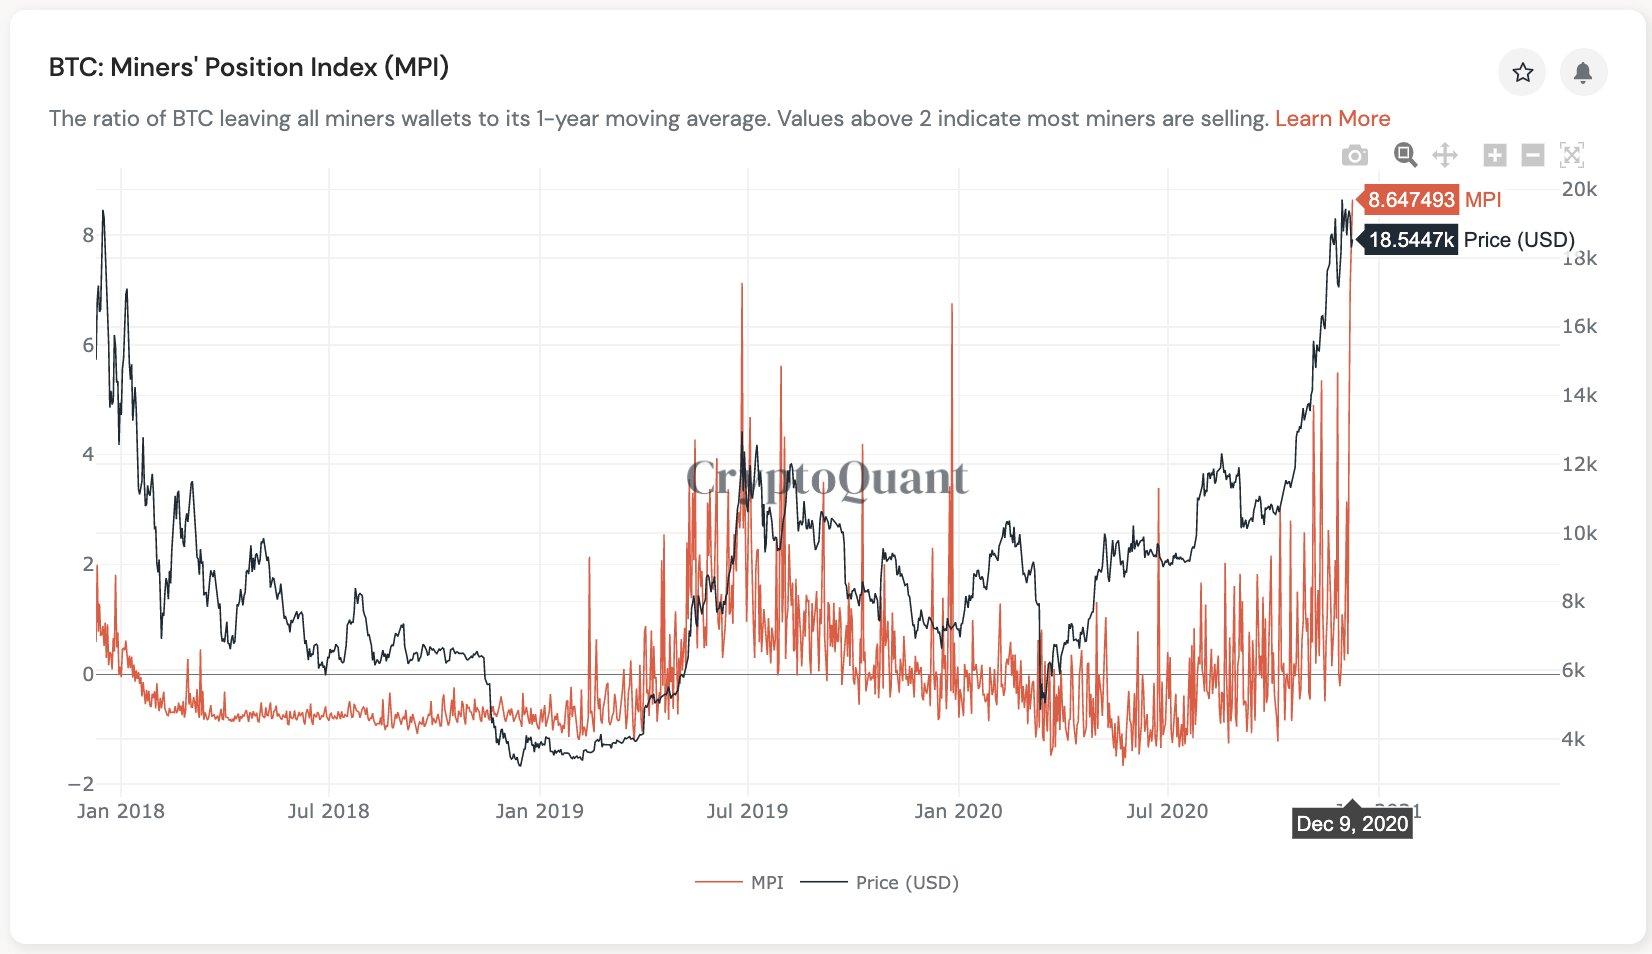 Майнеры резко нарастили продажи биткоинов